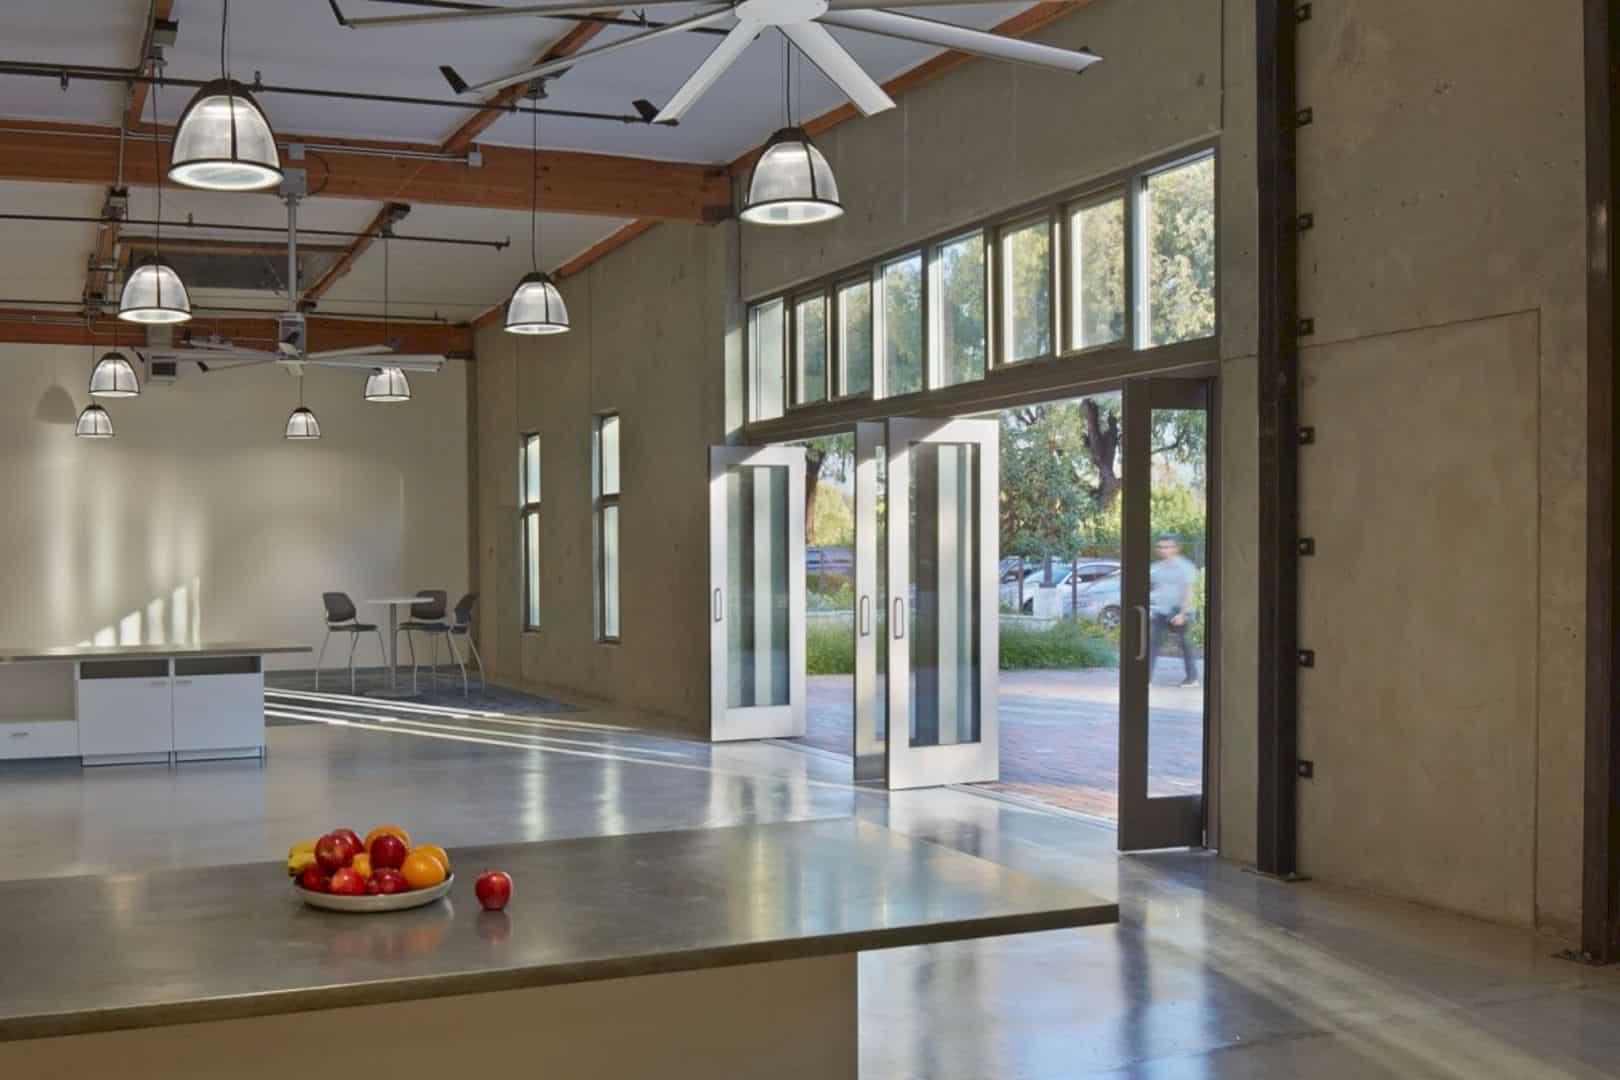 435 Indio Way Net Zero Energy Offices In Sunnyvale 6